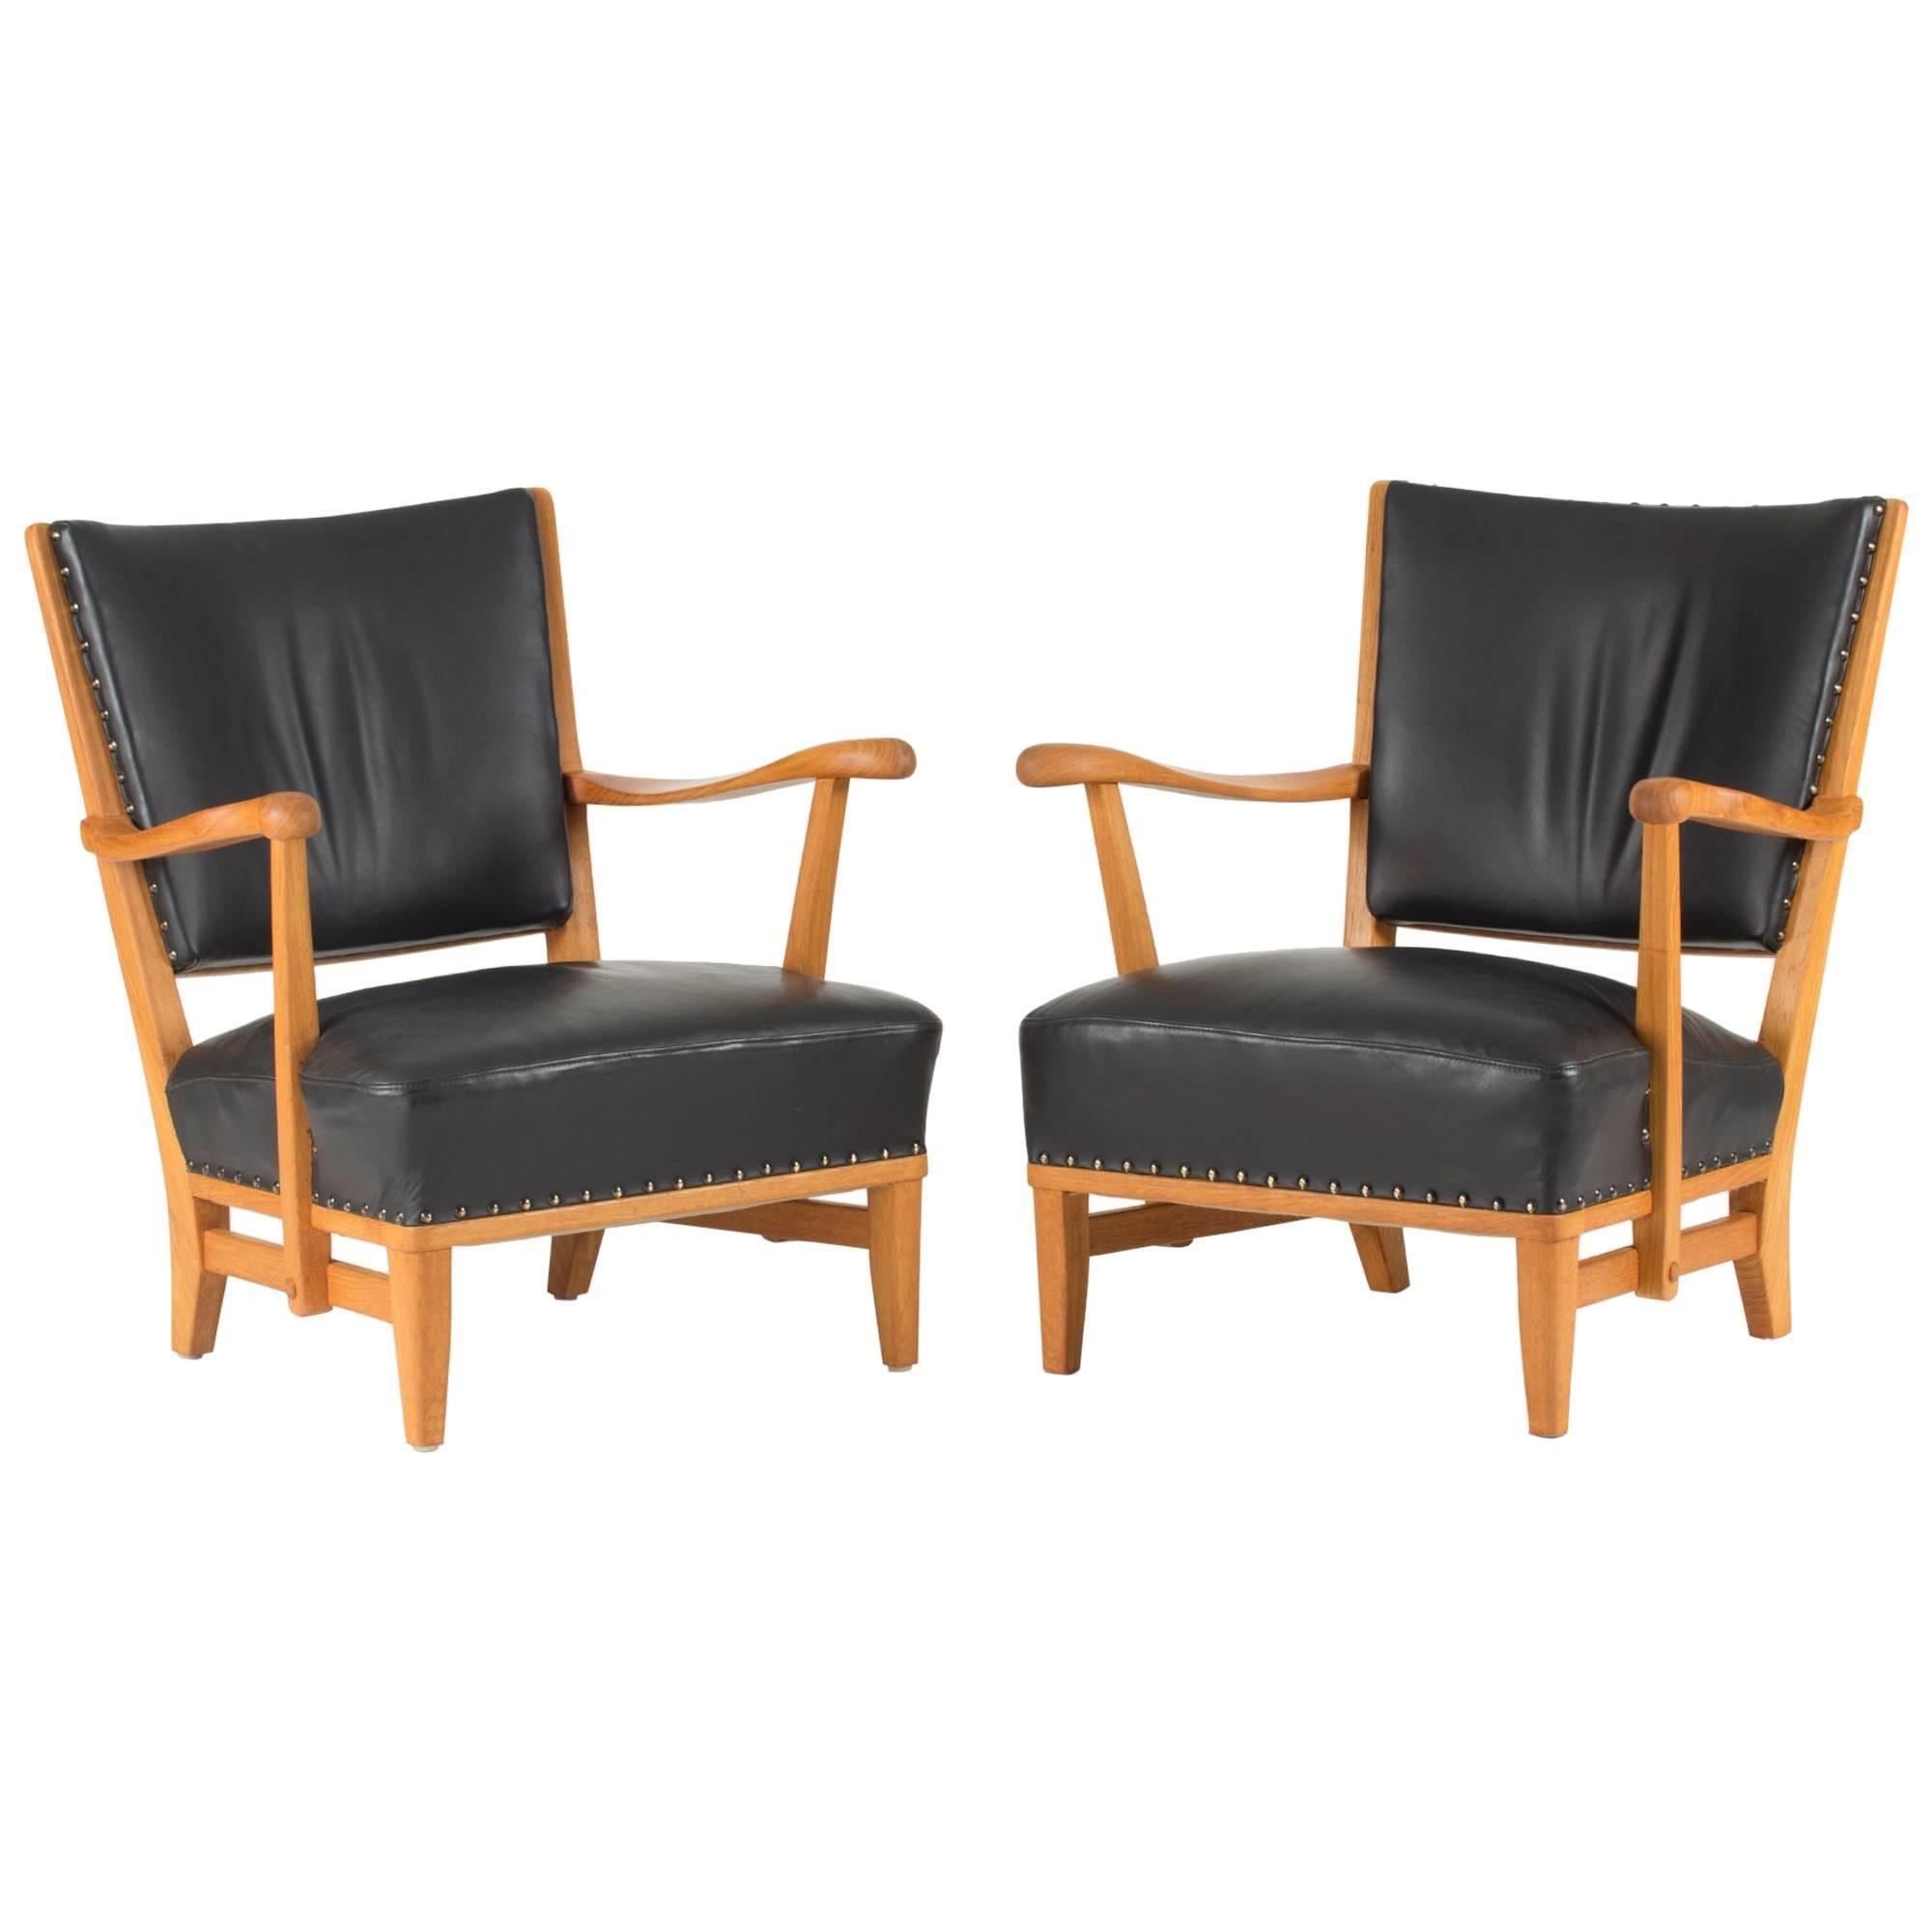 Pair of Lounge Chairs by Elias Svedberg